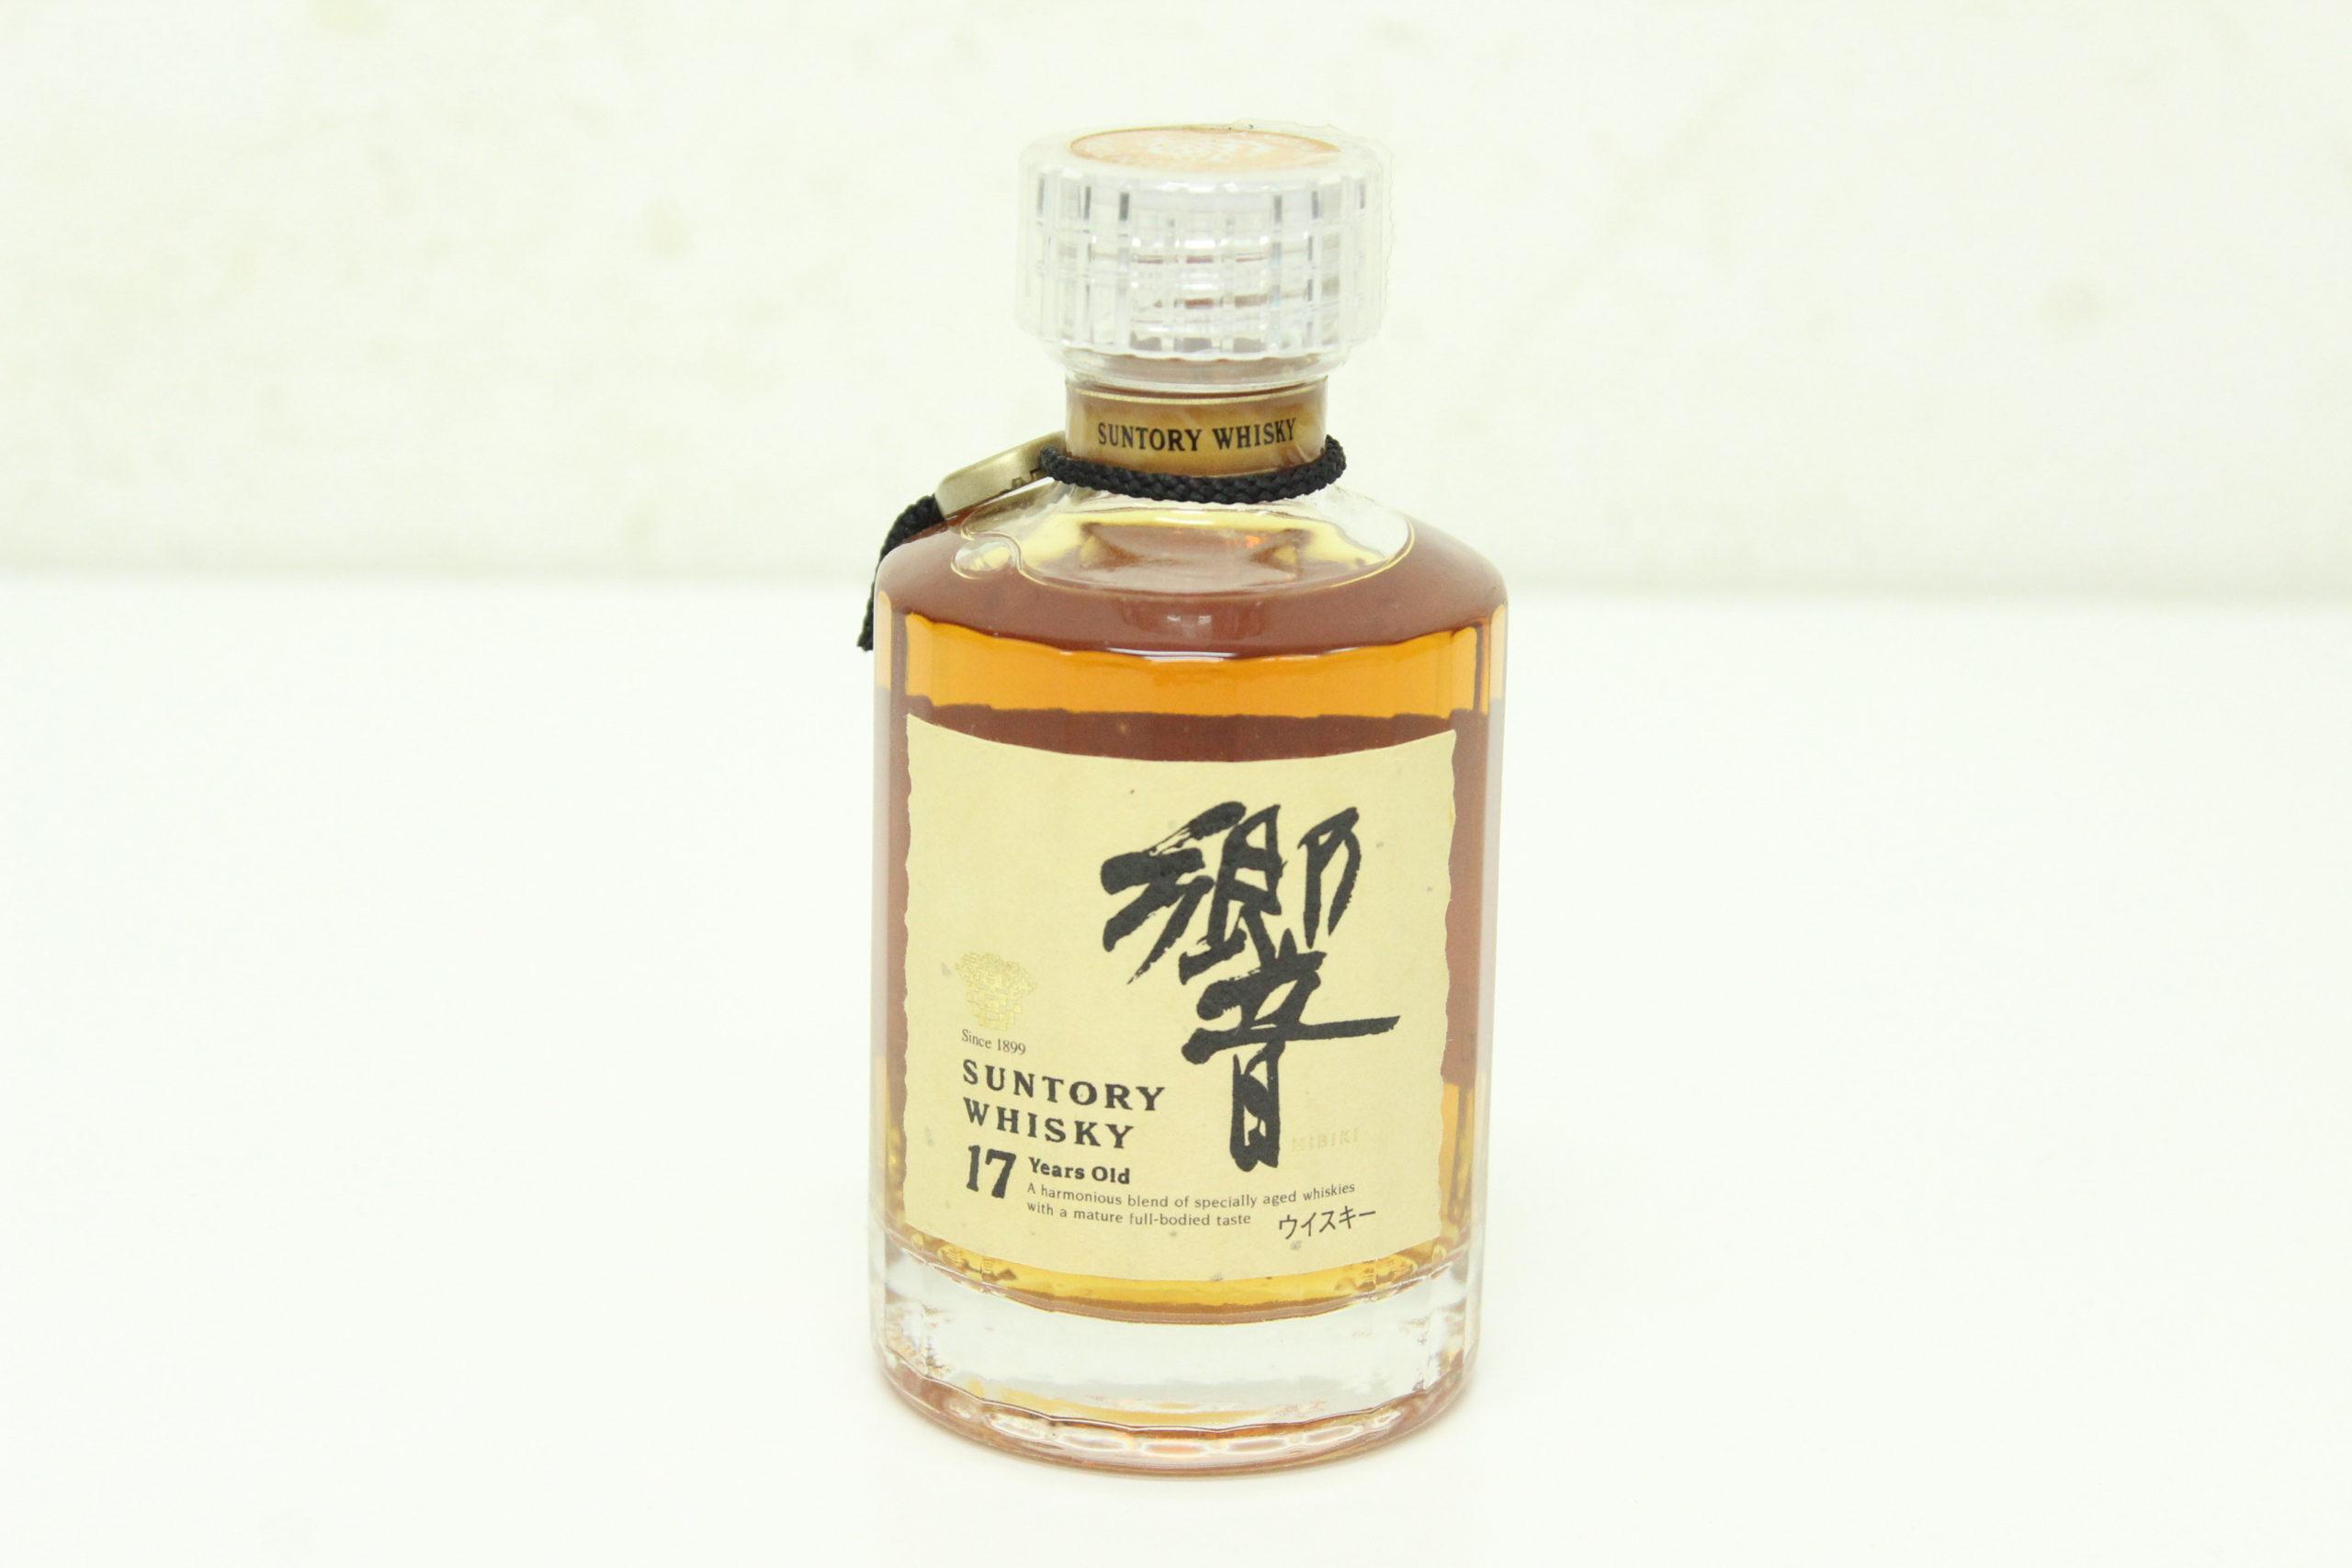 (福岡市中央区)SUNTORY/サントリー 響 17年 HIBIKI 17Years Old Whisky ウイスキー お酒の買取もお任せ下さい!!の買取-